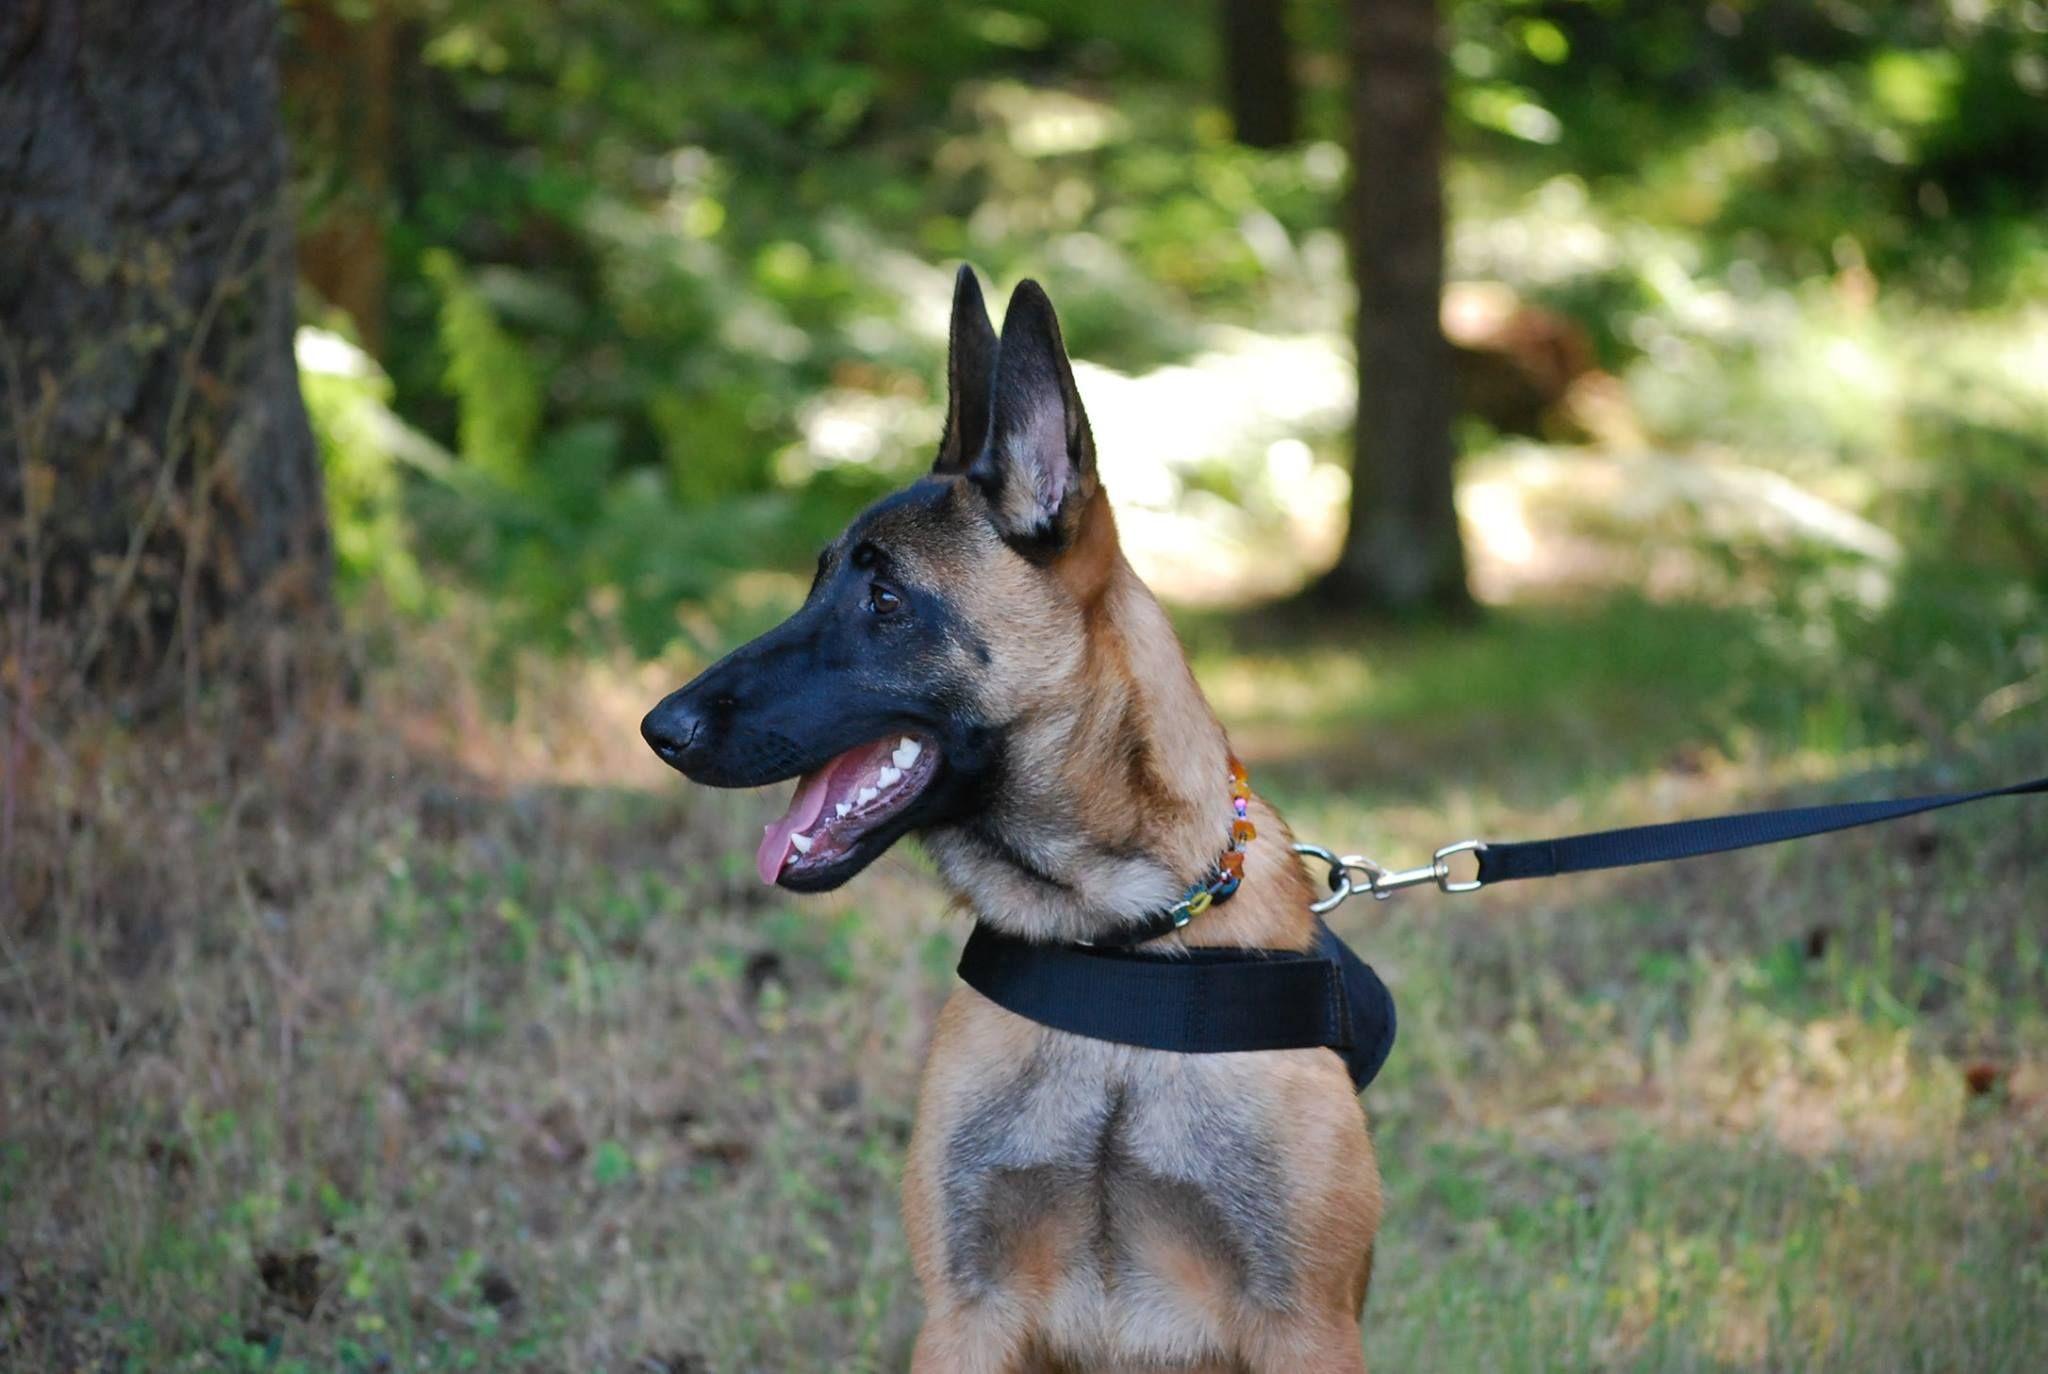 Belgian Malinois Rescue Adoption In 2020 Malinois Belgian Malinois Dog Adoption